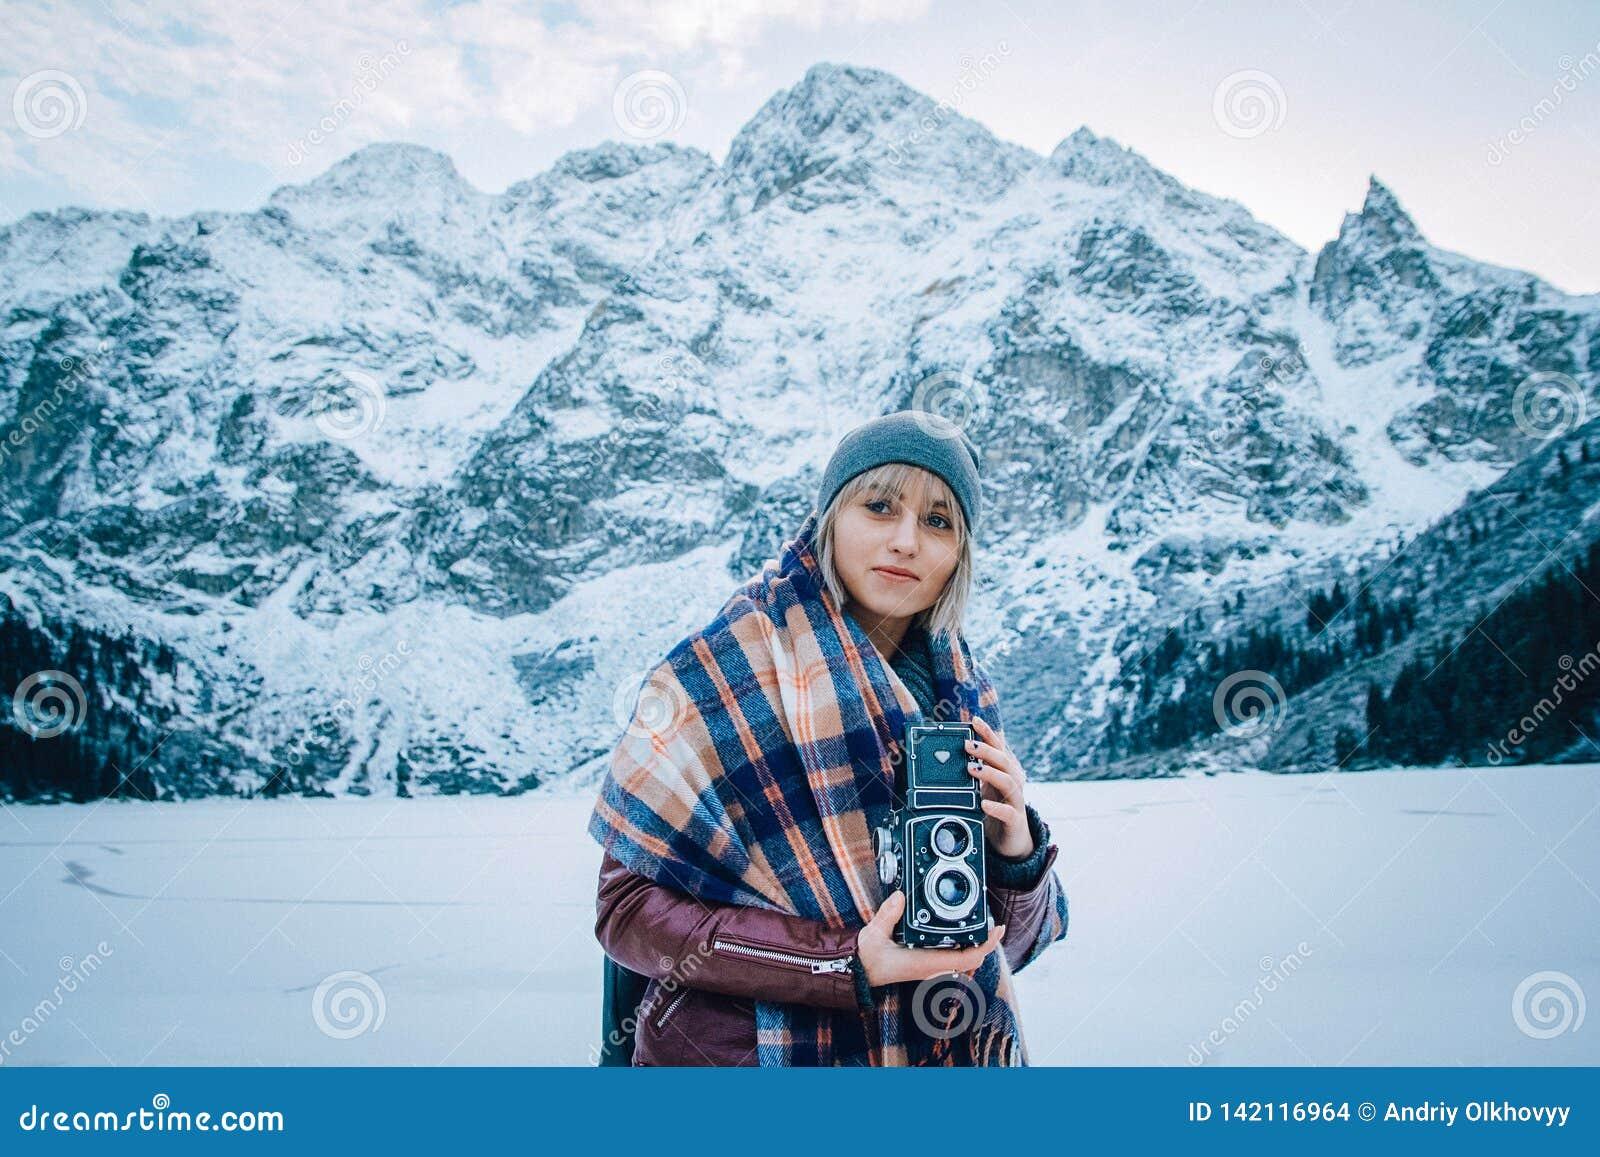 La belle fille fait une photo sur une vieille caméra de cru Dans les montagnes en hiver, risquez et voyagez